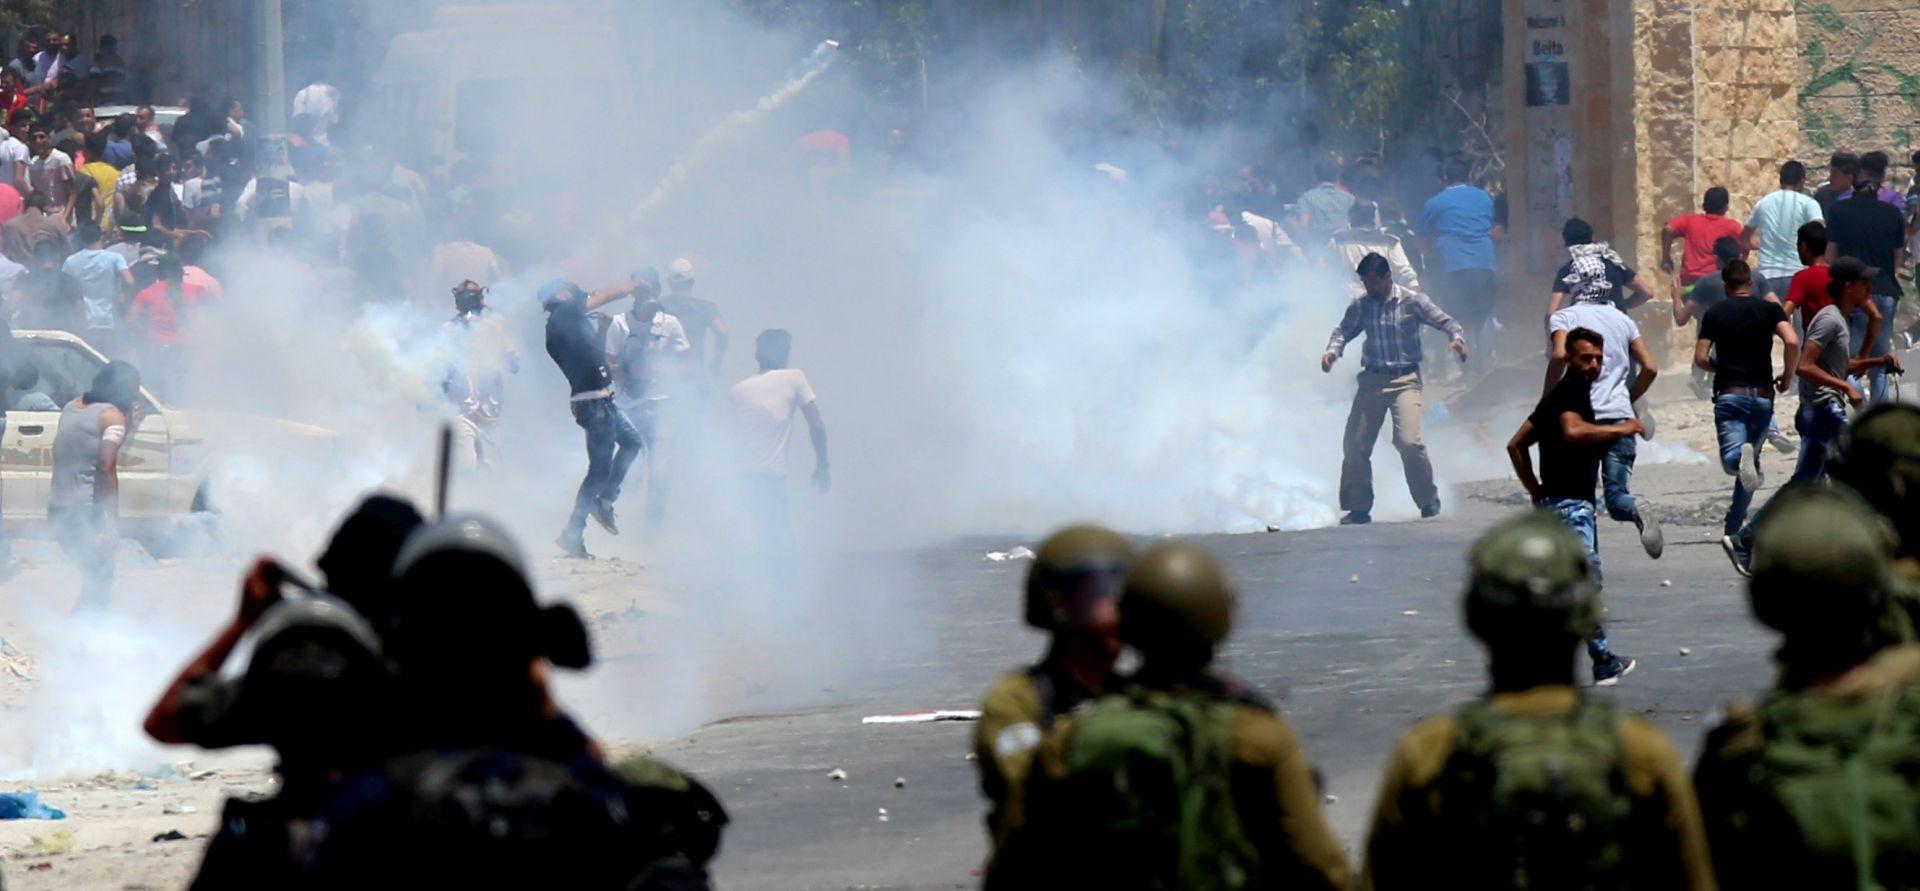 ZAPADNA OBALA Tri izraelska civila izbodena na smrt